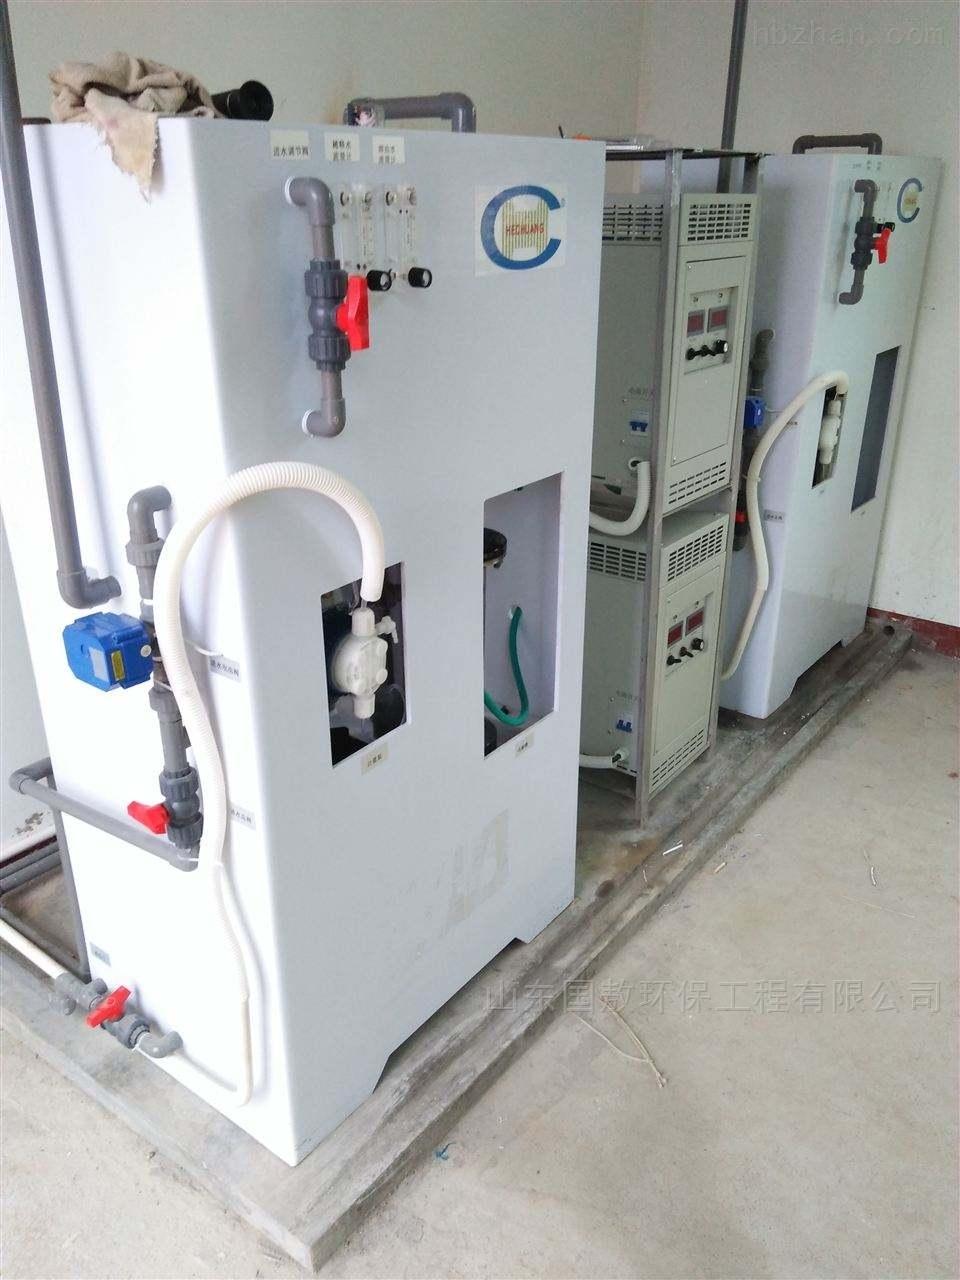 北京顺义冠状病毒实验室污水处理设备报价